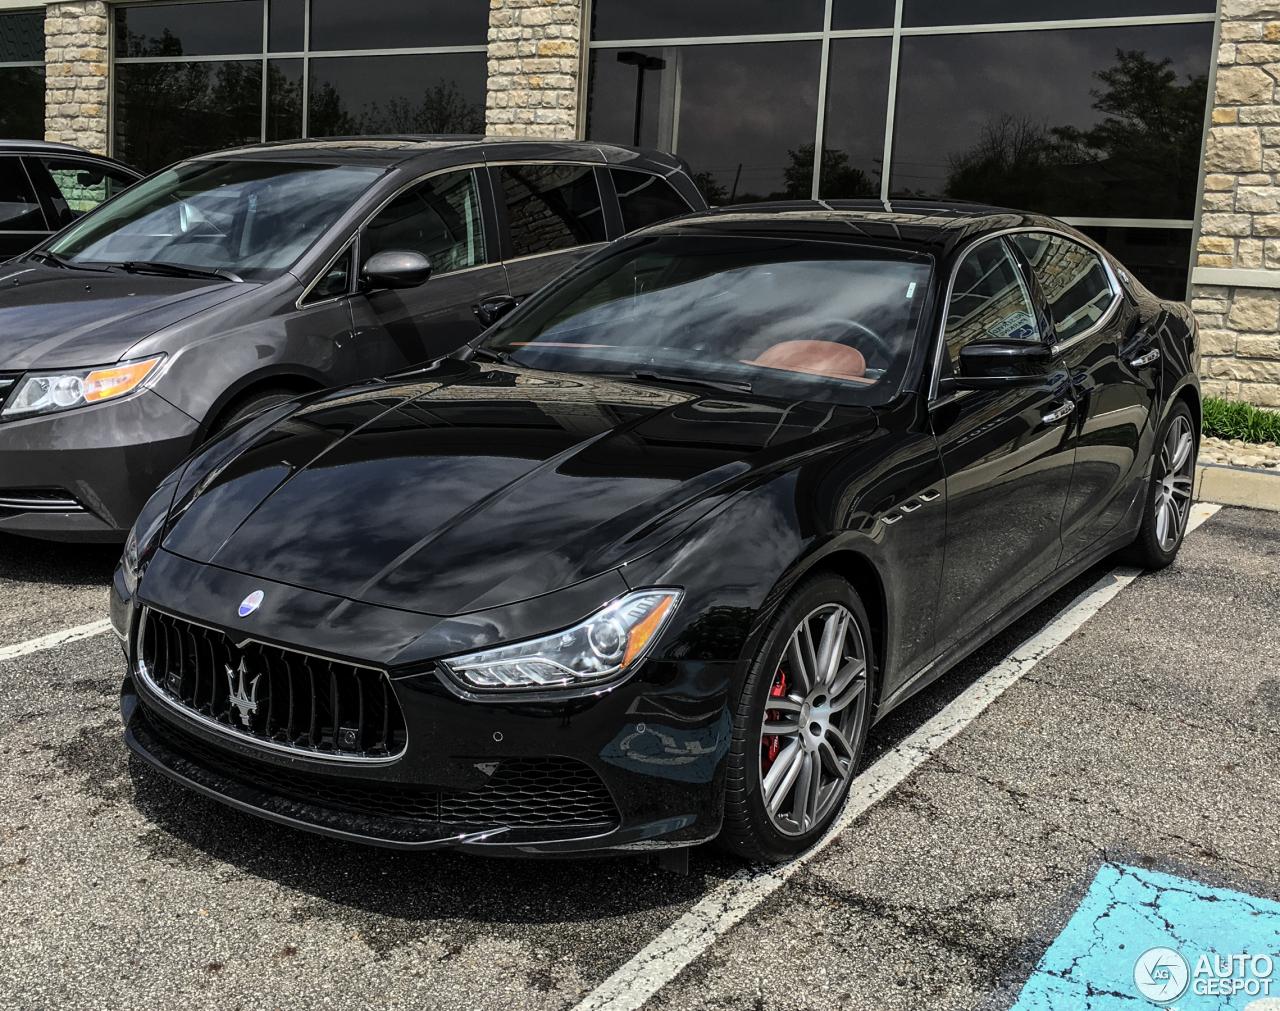 Maserati Ghibli S Q4 2013 26 May 2016 Autogespot